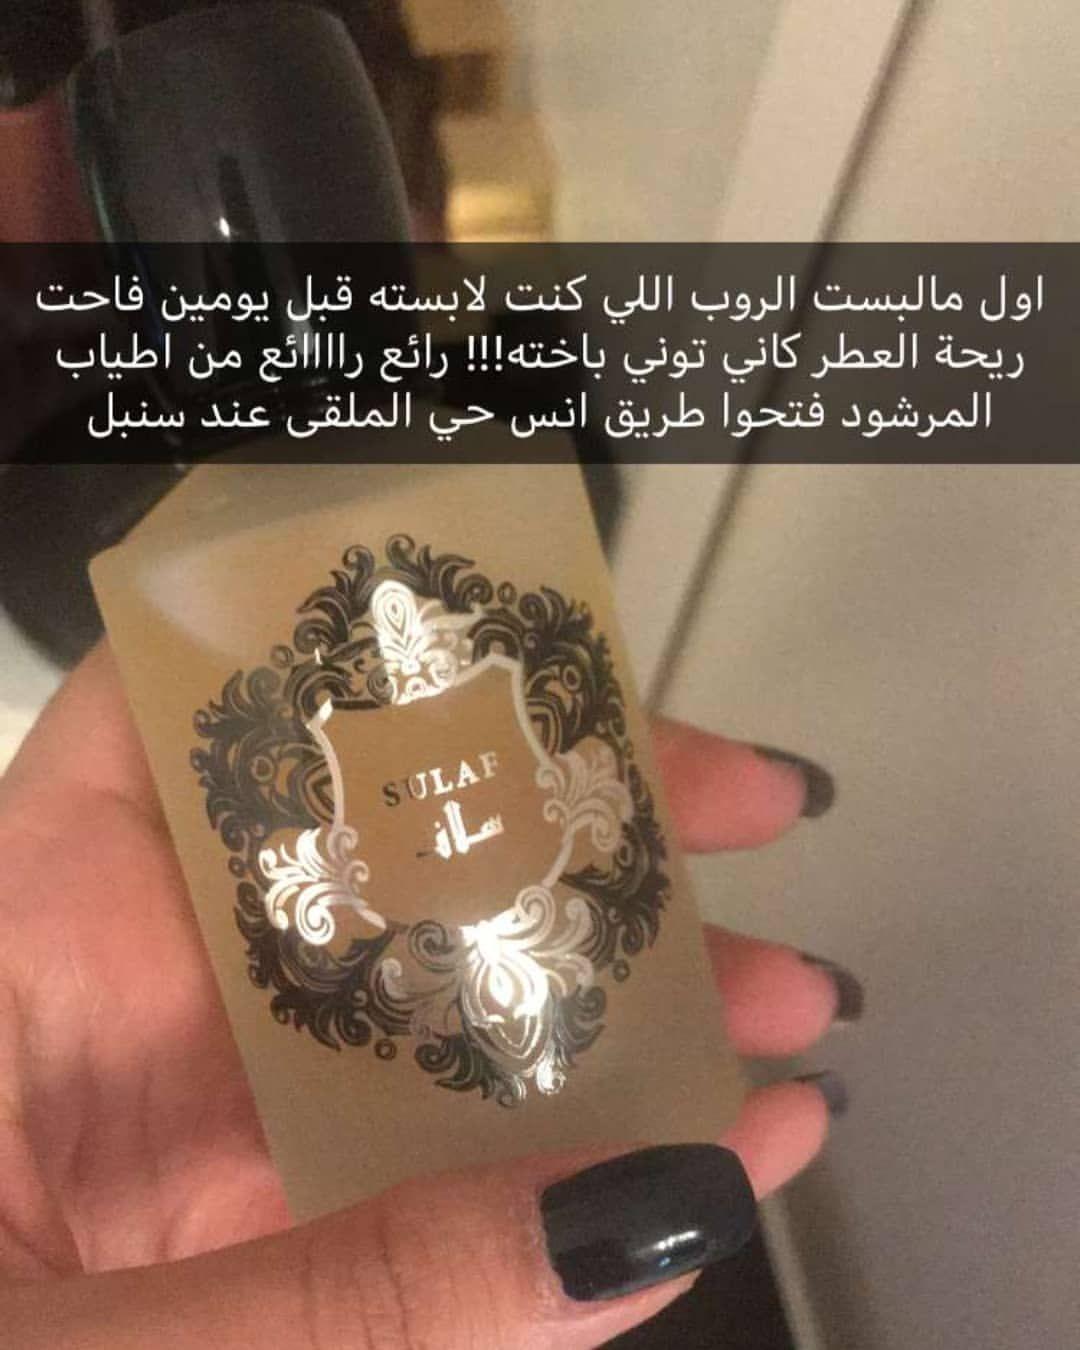 عطر سلاف من أطياب المرشود من سناب About Her Ksa عطور عطورات المرشود الكويت السعودية ان Perfume Scents Lovely Perfume Fragrances Perfume